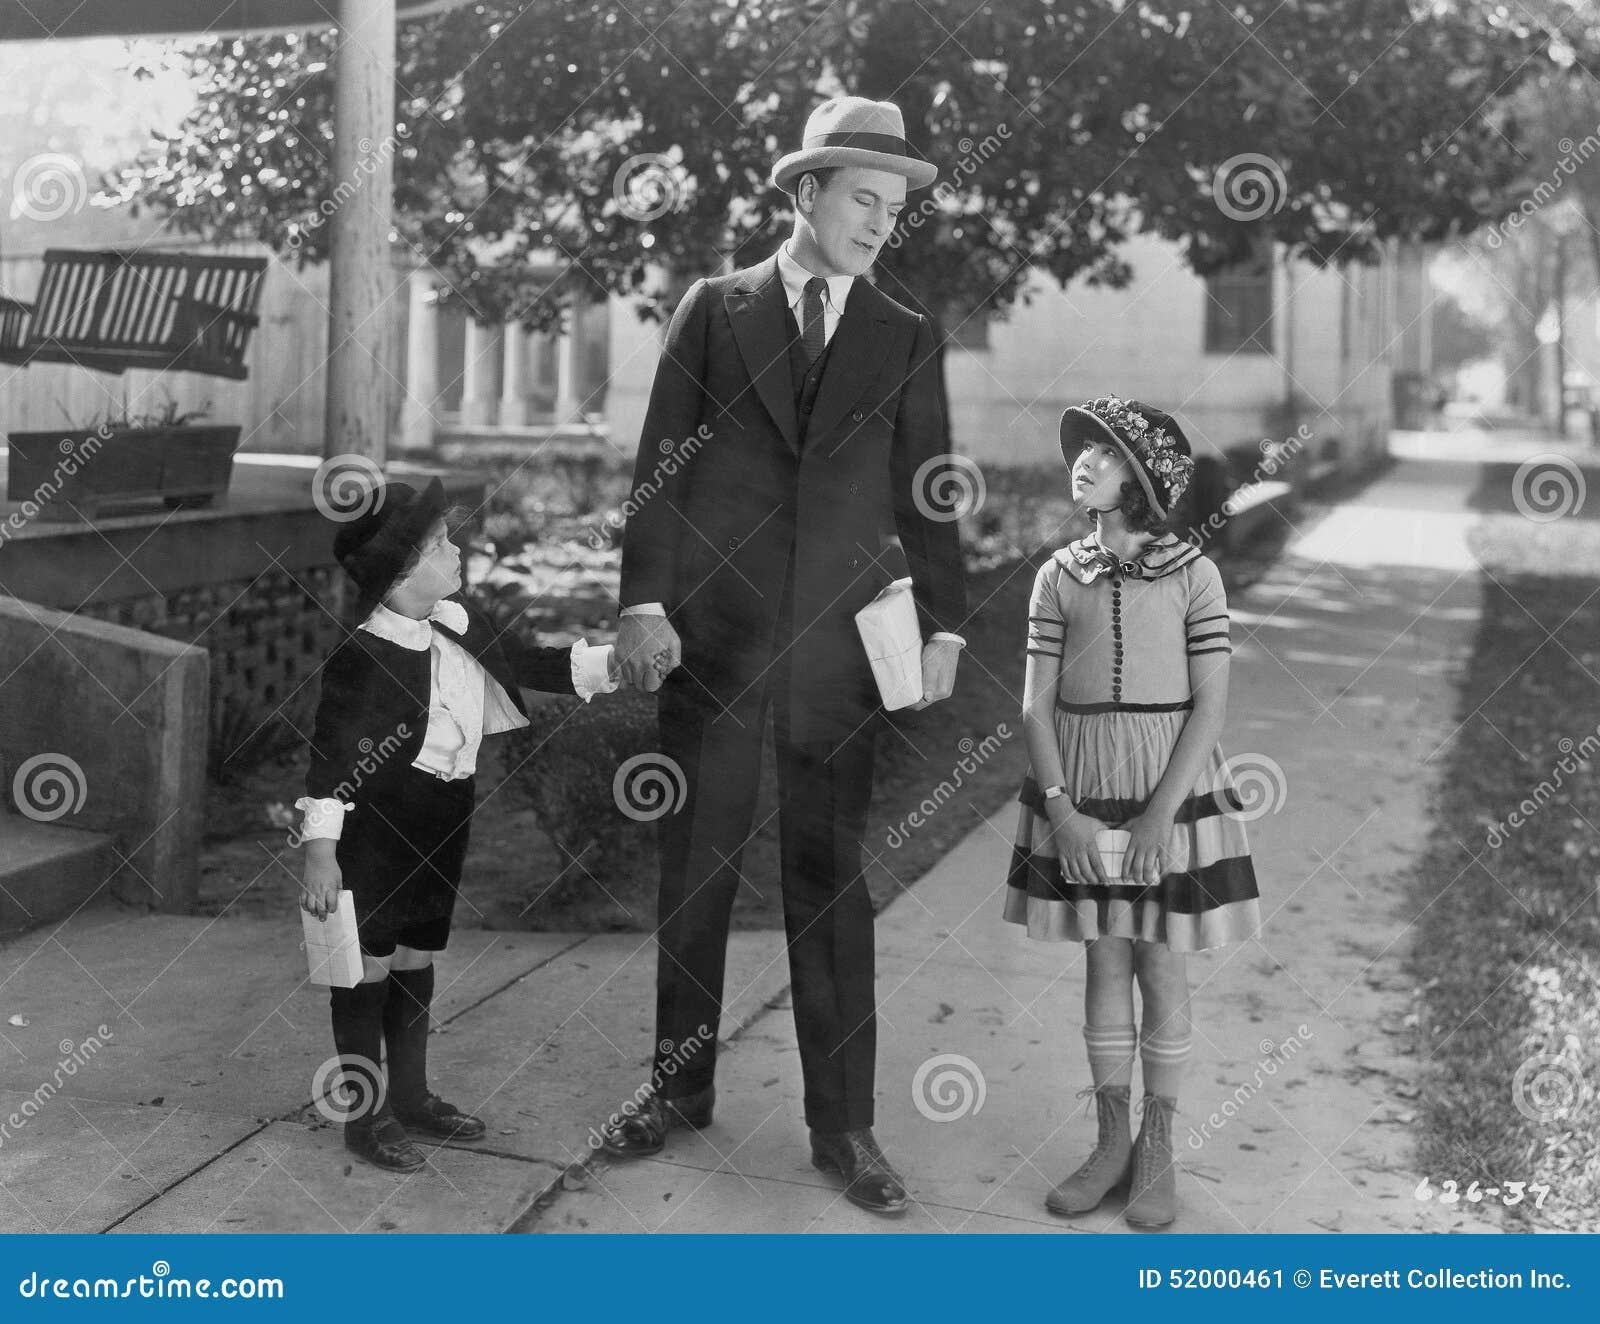 Πατέρας που μιλά σε δύο παιδιά έξω (όλα τα πρόσωπα που απεικονίζονται δεν ζουν περισσότερο και κανένα κτήμα δεν υπάρχει Εξουσιοδο